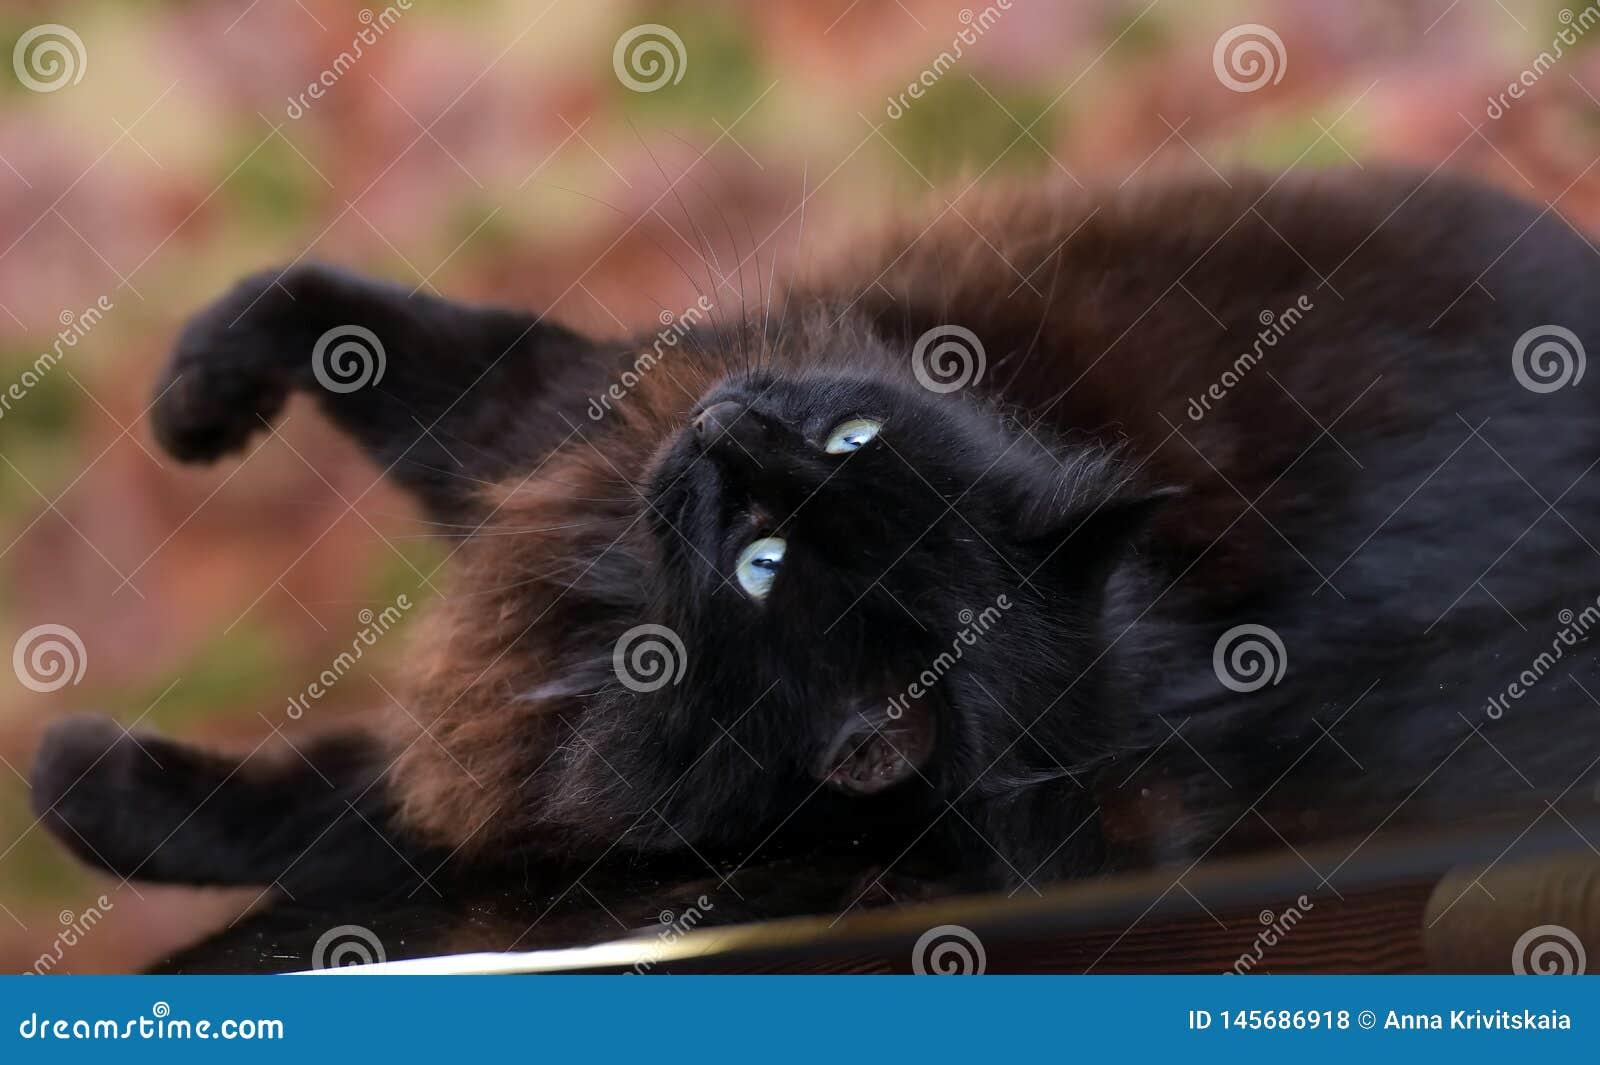 Le beau chat noir pelucheux se trouve sur une table en verre